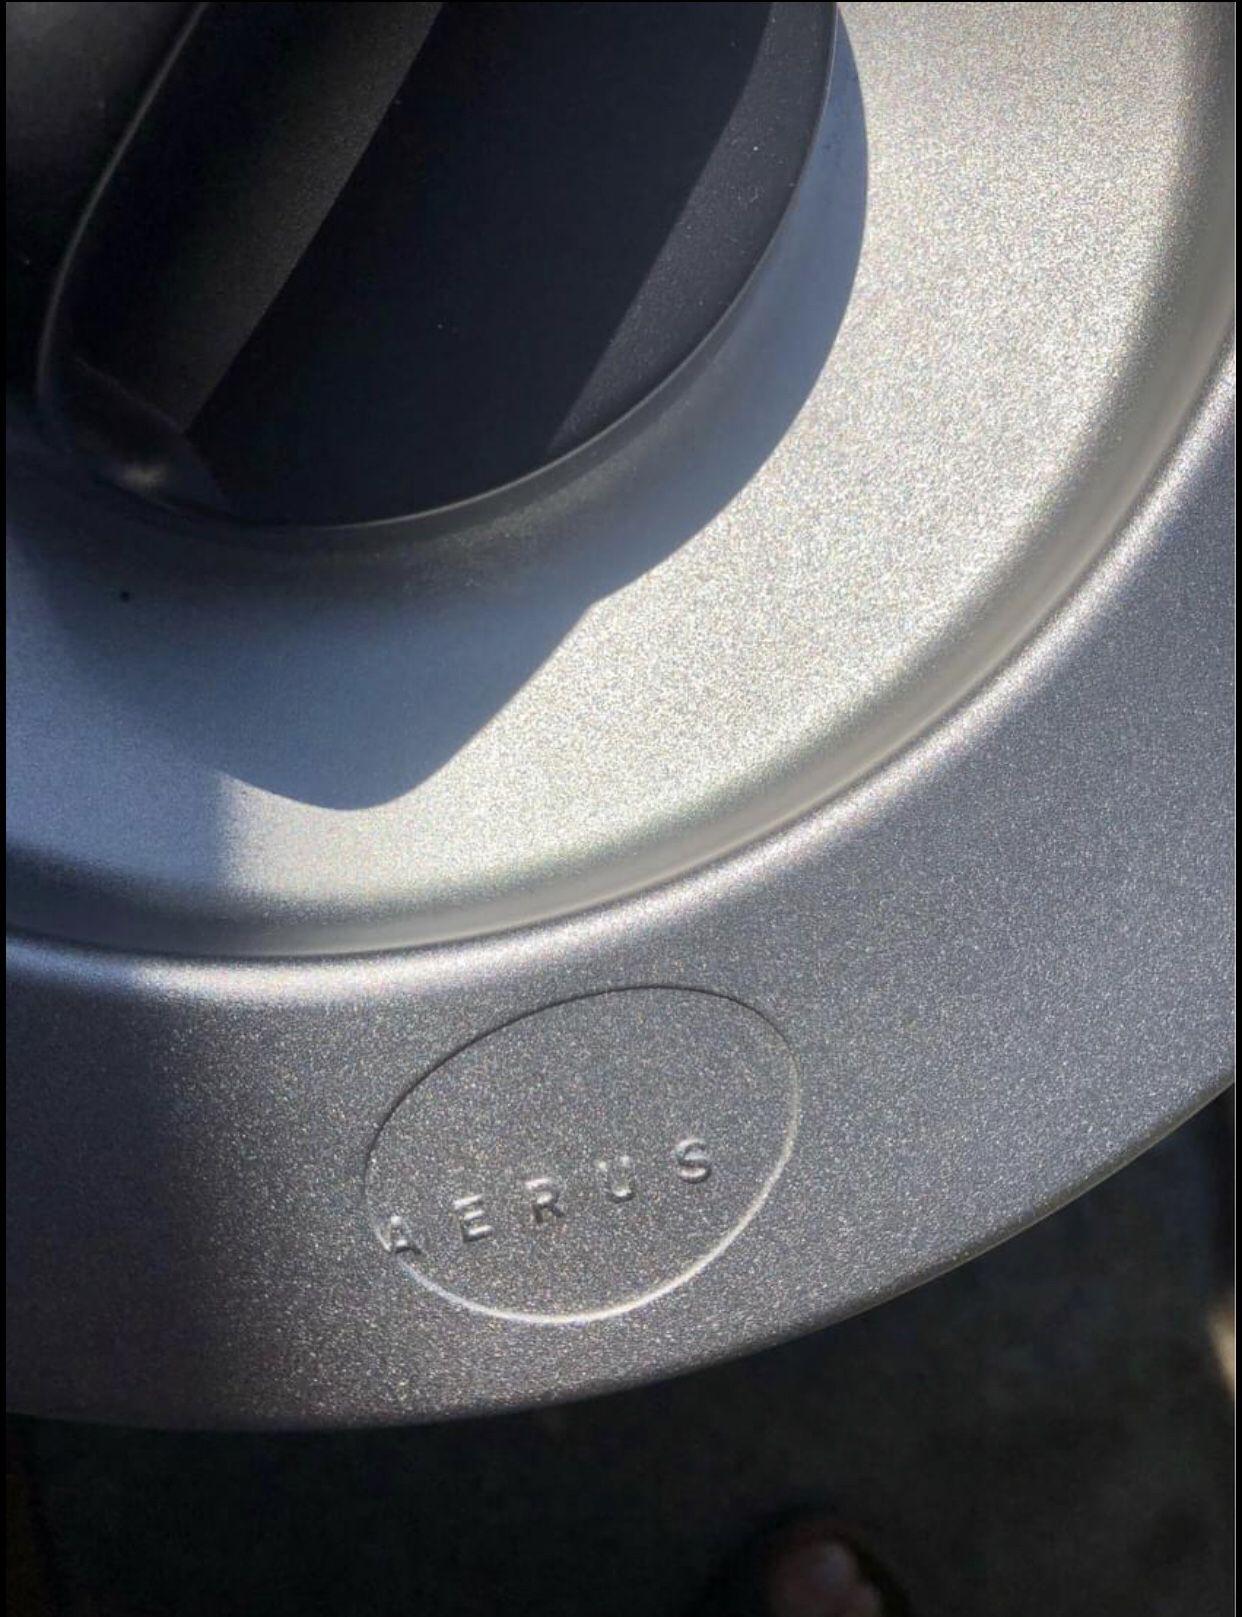 Aerus Lux Guardian Angel HEPA air filter